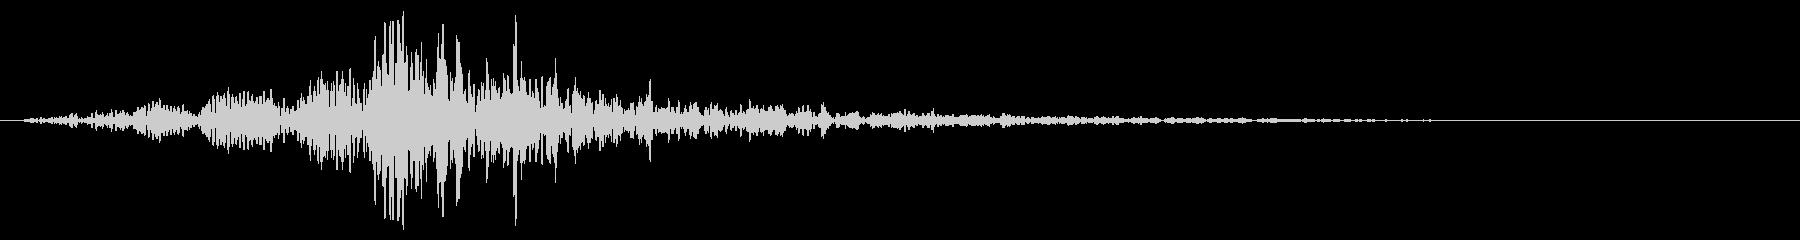 どーん:オープニングロゴなどの締めの音7の未再生の波形